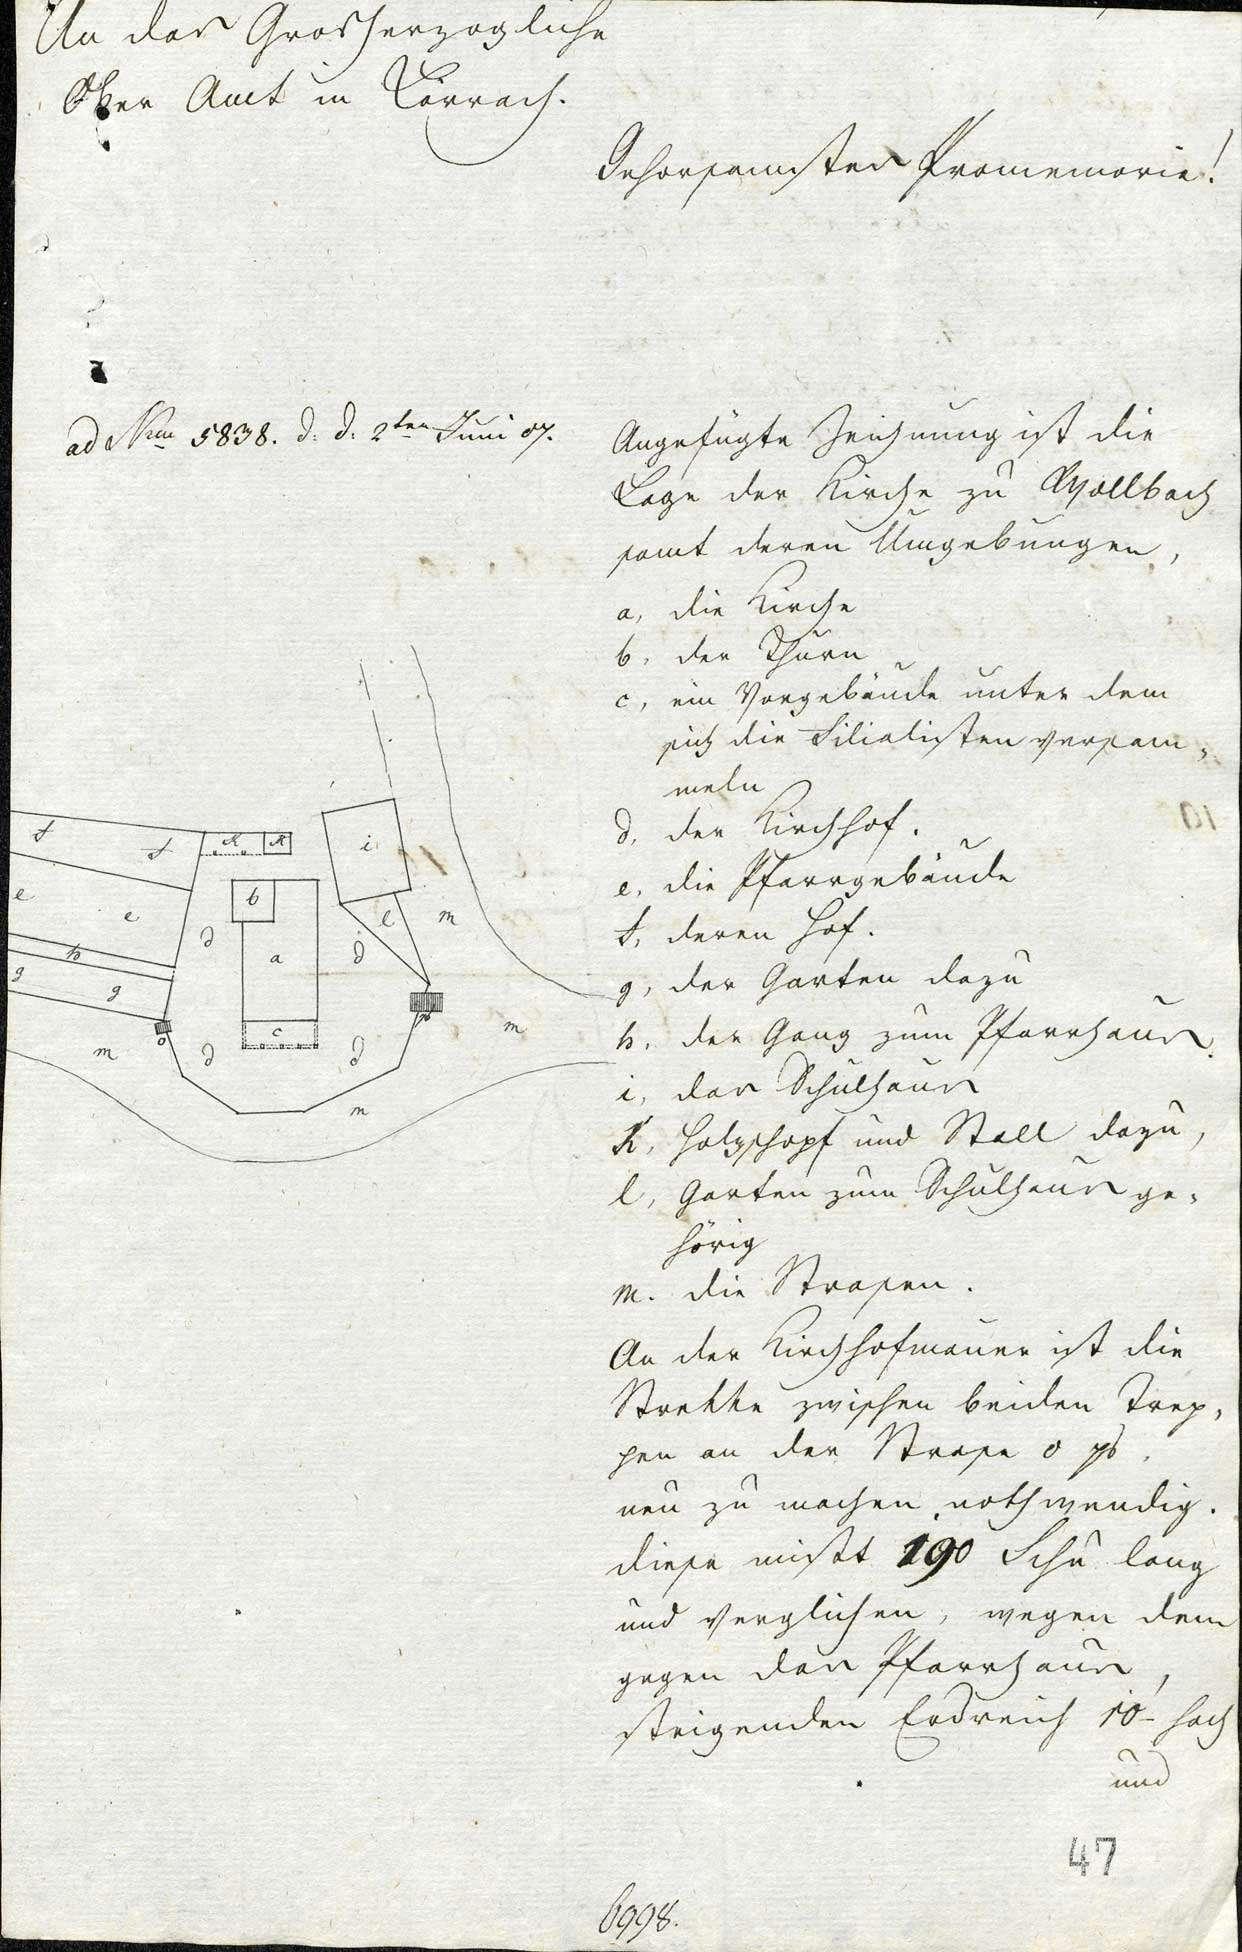 Erbauung und Unterhaltung der Pfarrkirche samt Kirchturm und Kirchhofmauer zu Wollbach, Bild 3